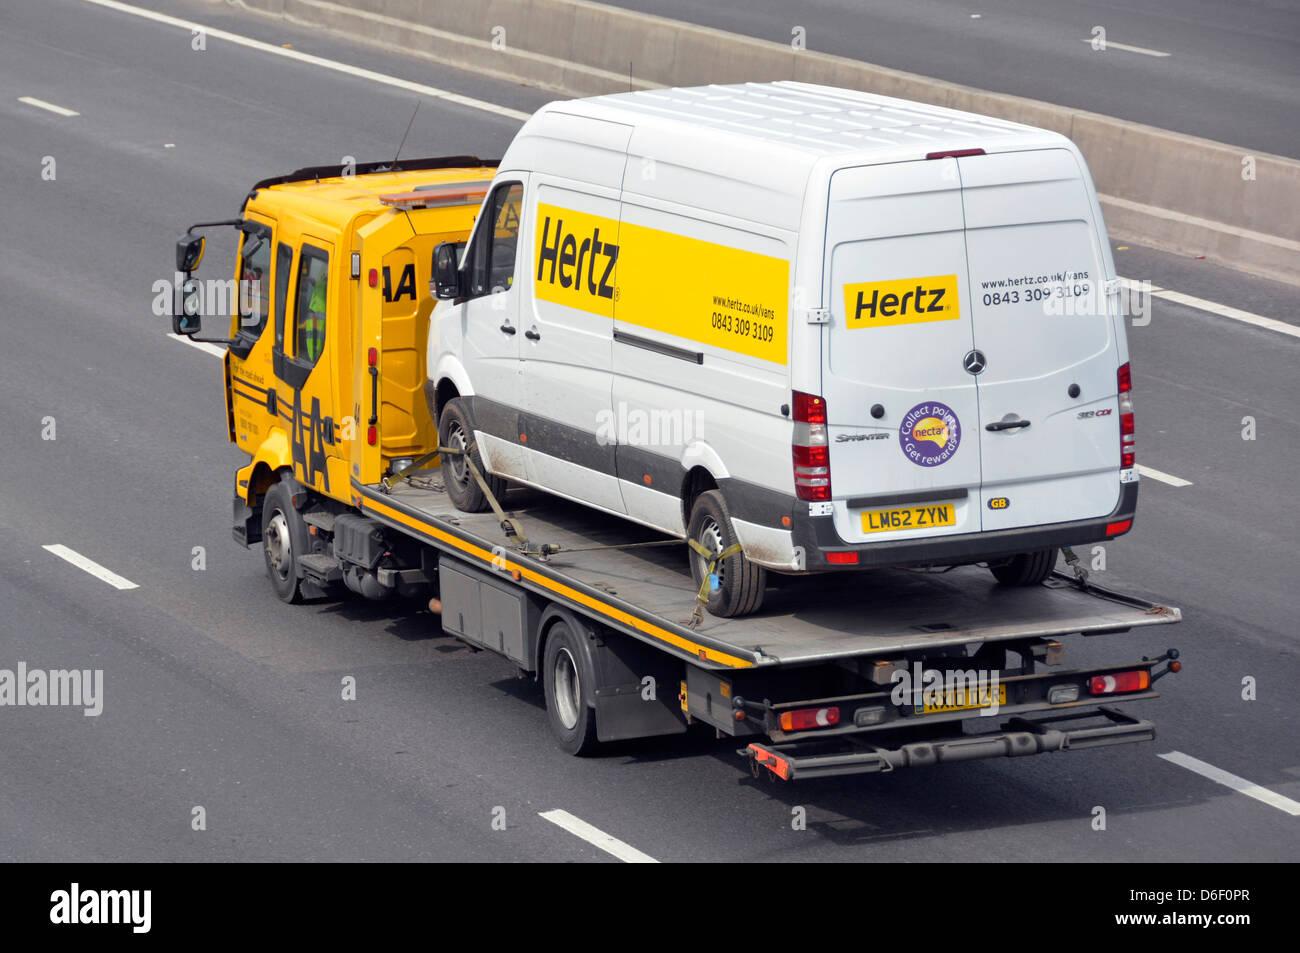 Hertz Car Rental Cargo Van